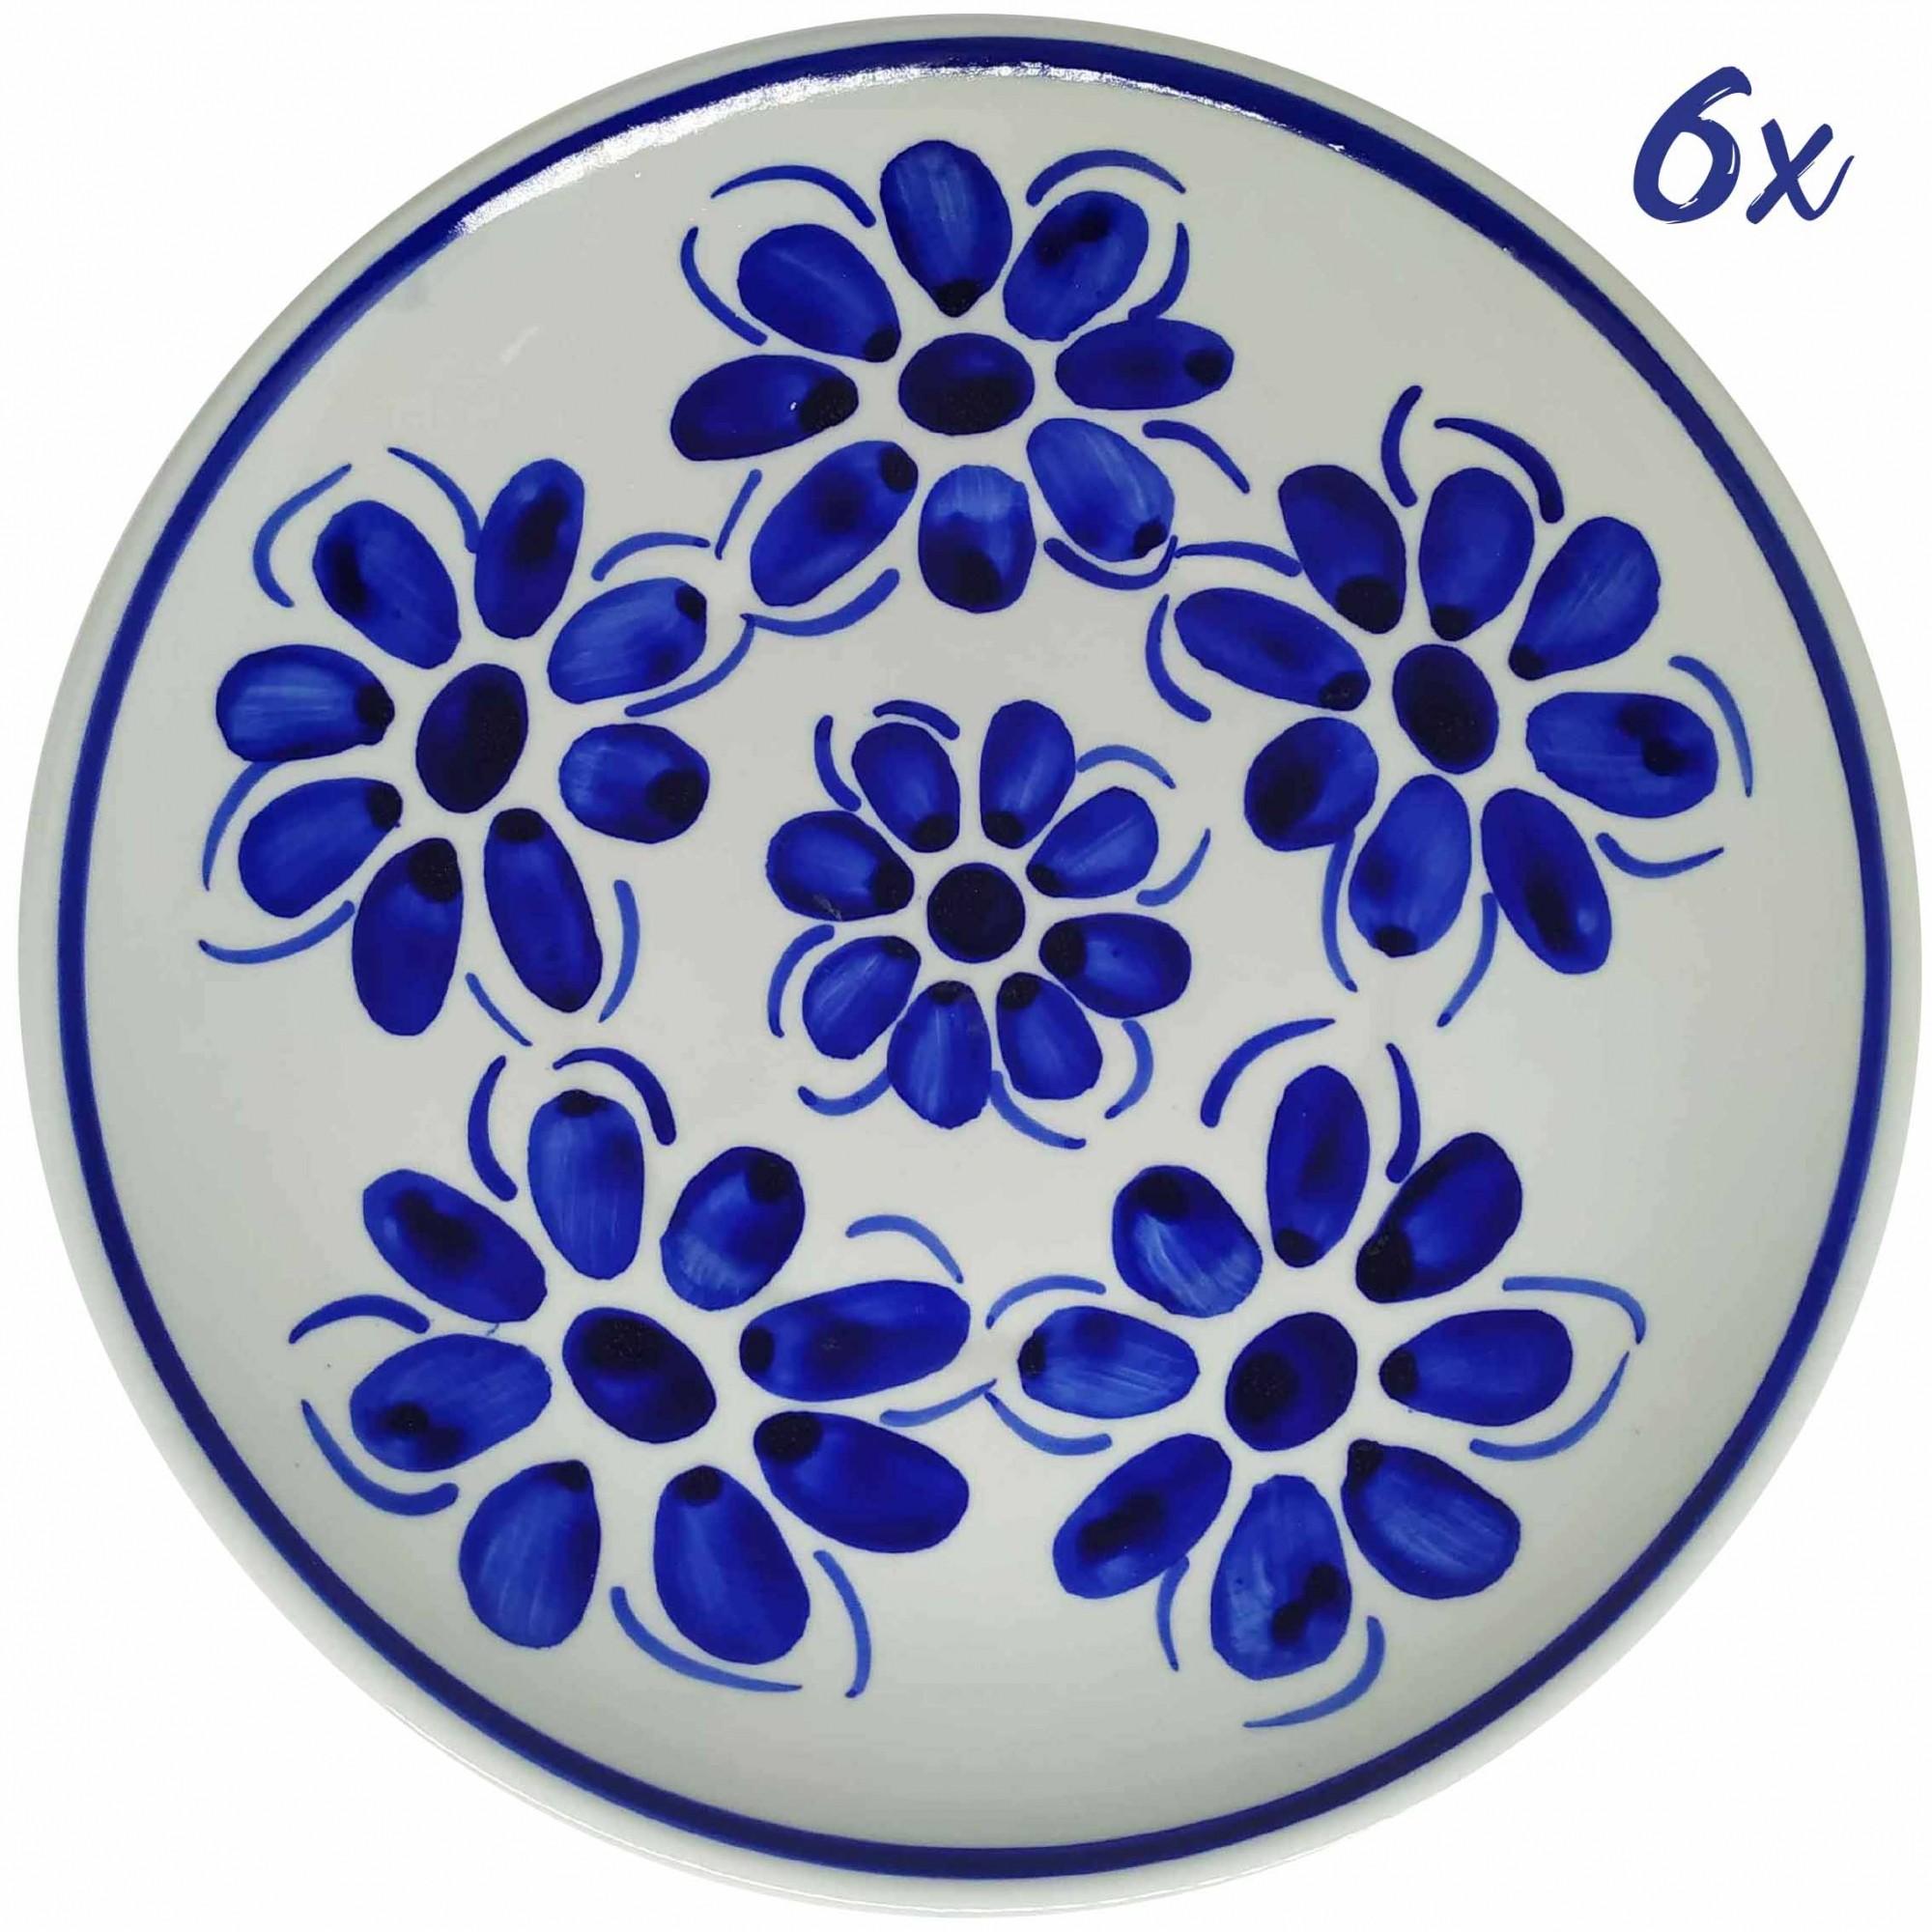 Jogo de 6 Pratos Rasos 26,5 cm Porcelana Azul Vintage